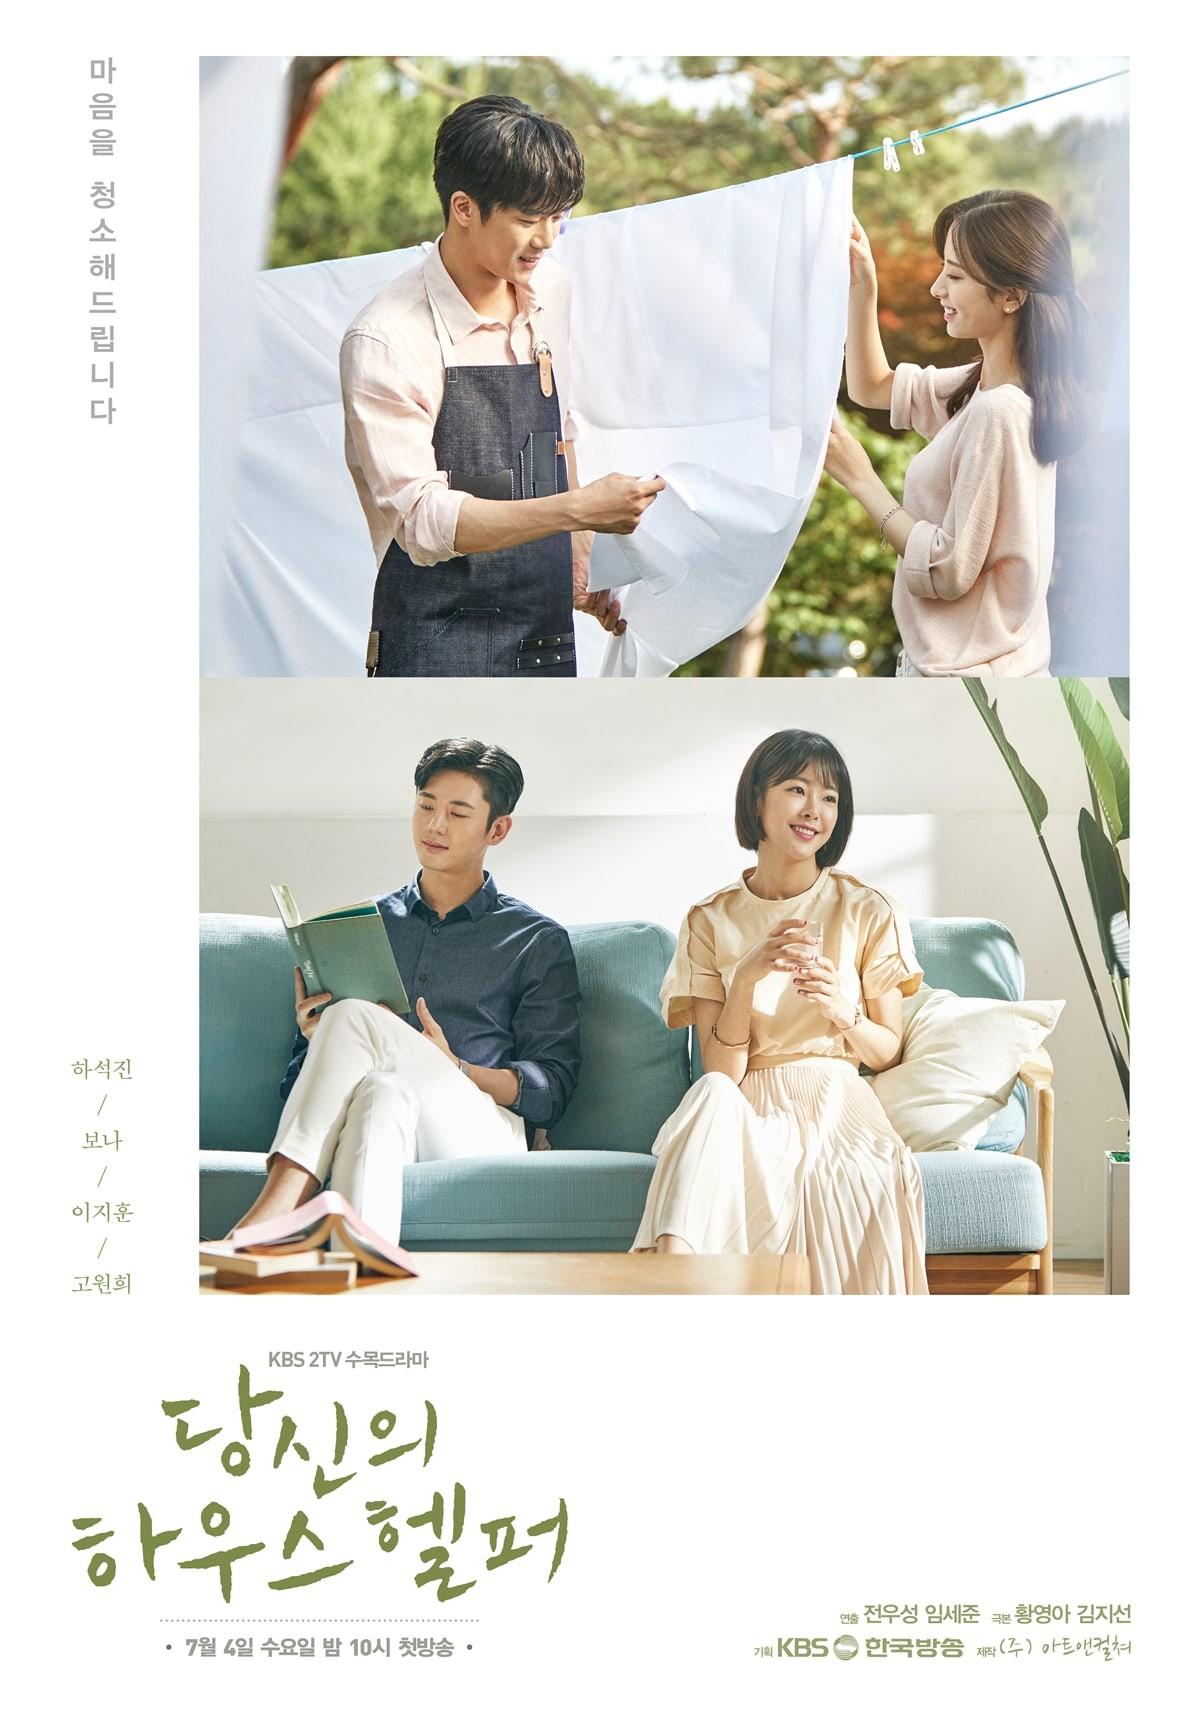 Your House Helper: Chuyện chàng quản gia đẹp hơn hoa xứ Hàn dọn dẹp tâm hồn người xem - Ảnh 2.